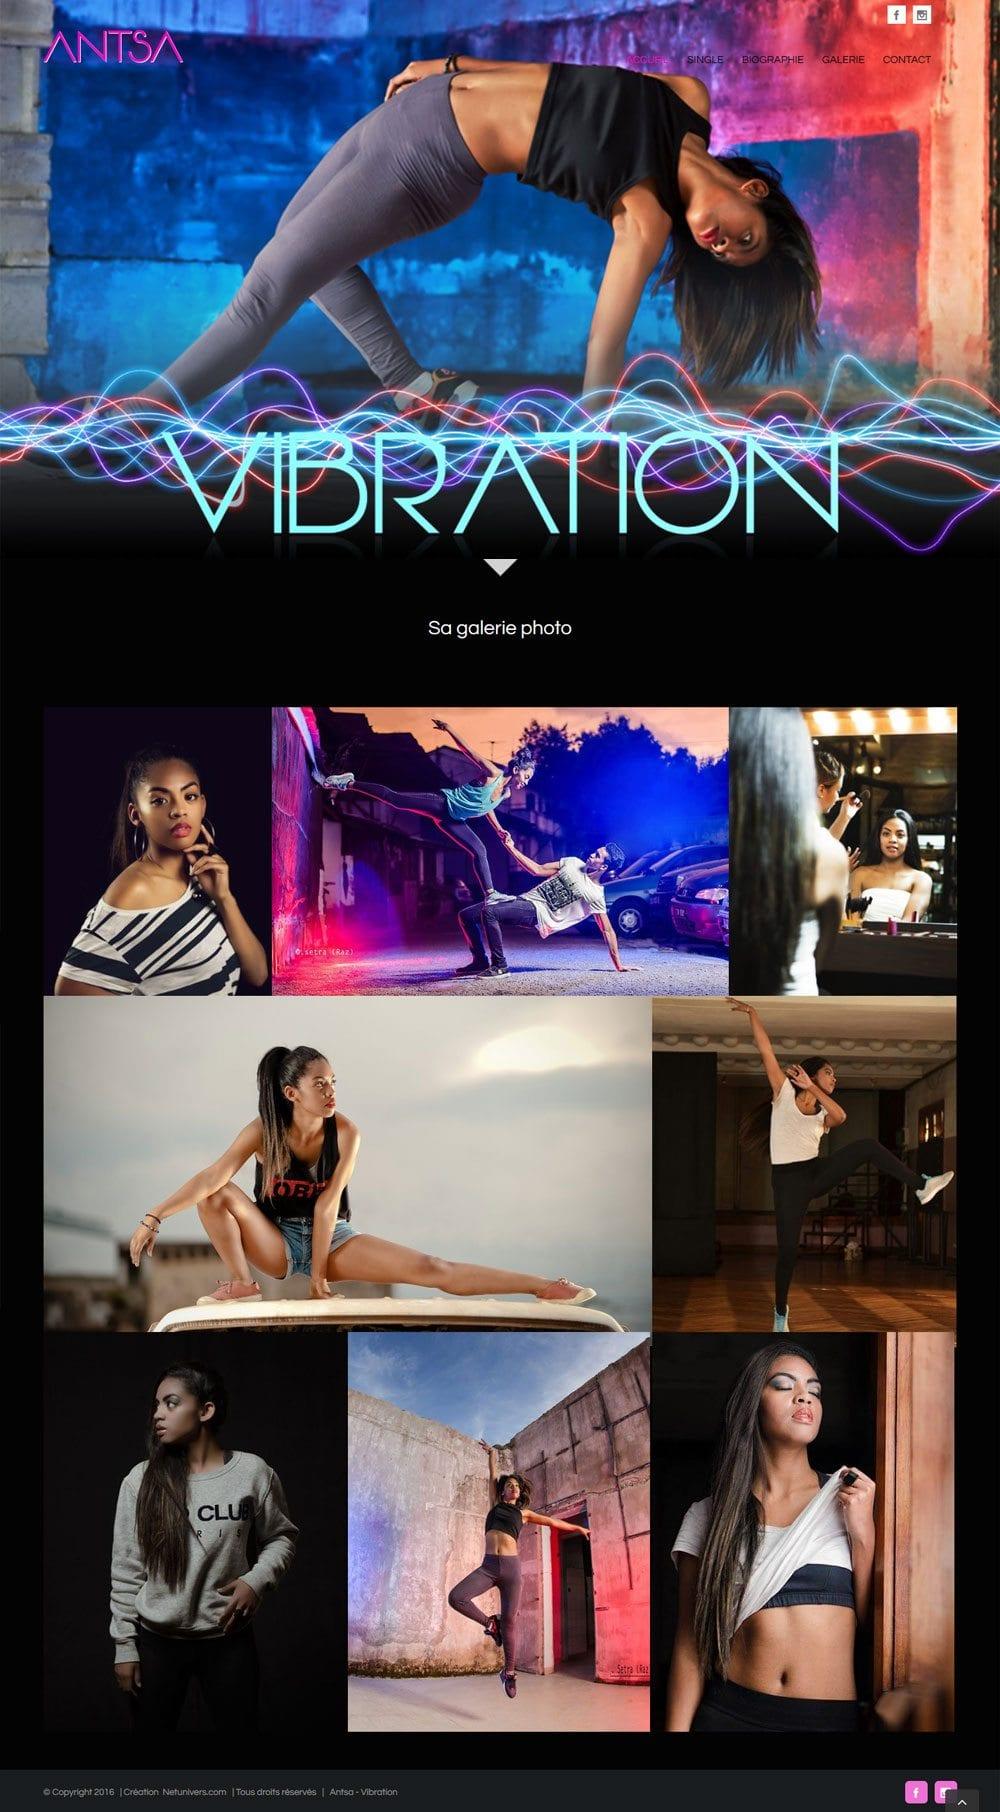 antsa-officiel-vibration3